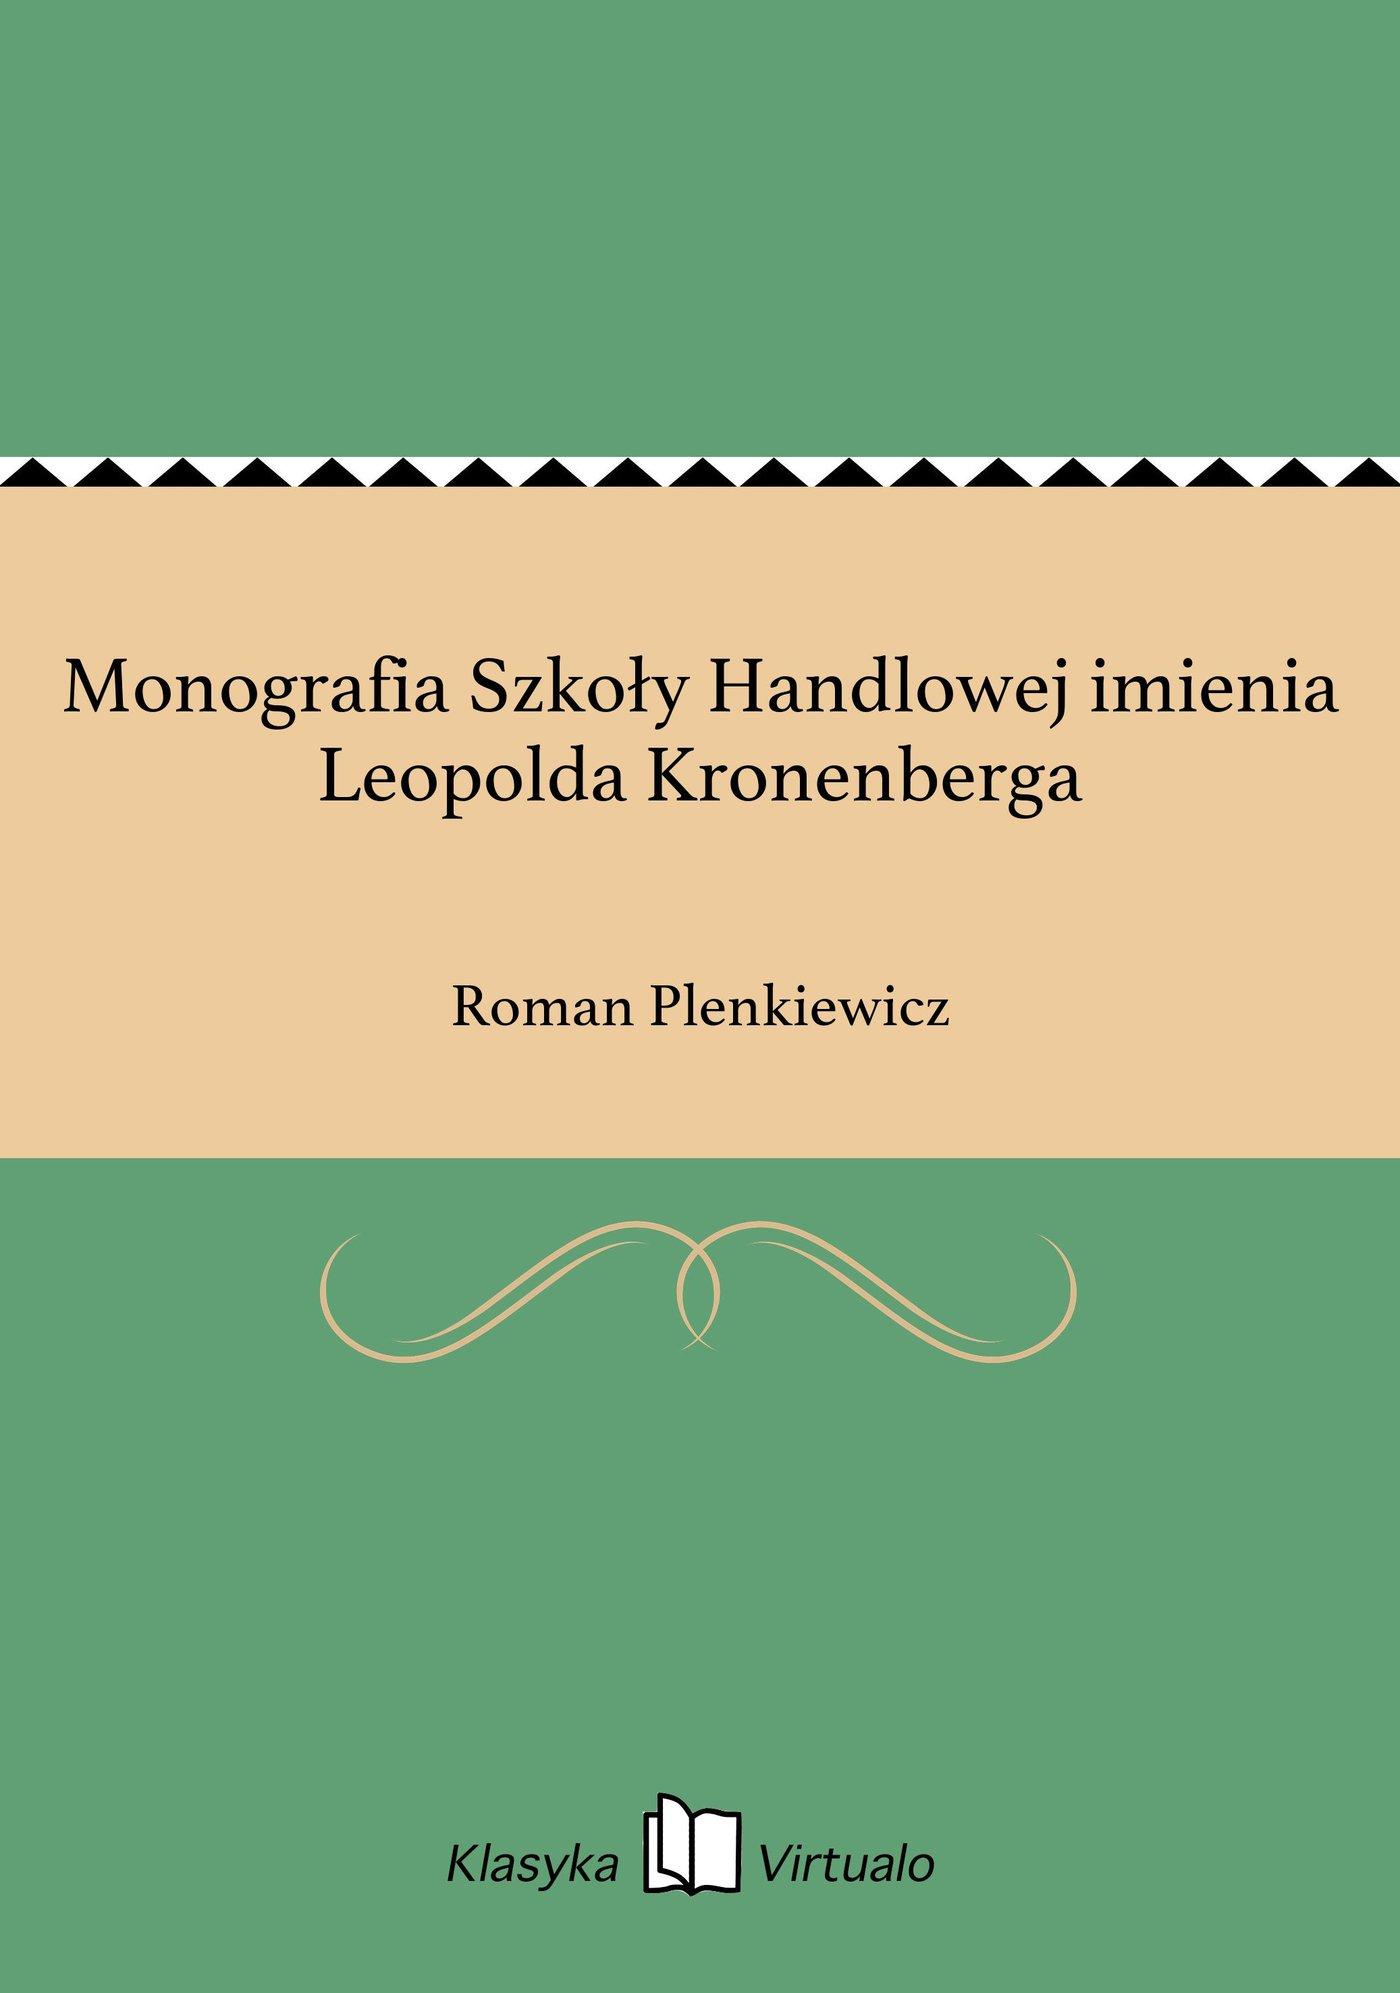 Monografia Szkoły Handlowej imienia Leopolda Kronenberga - Ebook (Książka EPUB) do pobrania w formacie EPUB